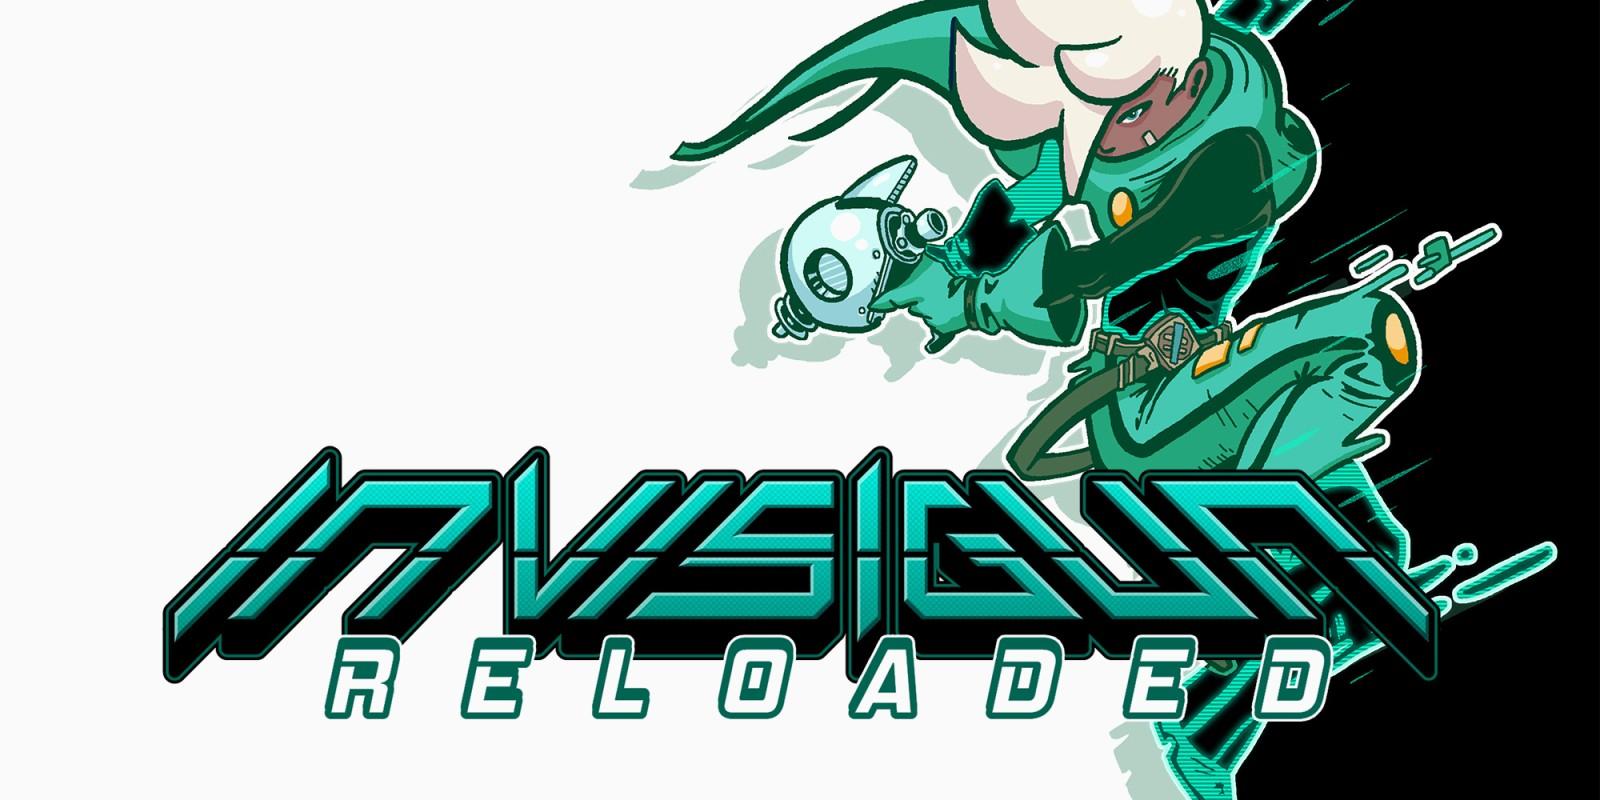 Invisigun Reloaded voor de Nintendo Switch voor 0,99 cent